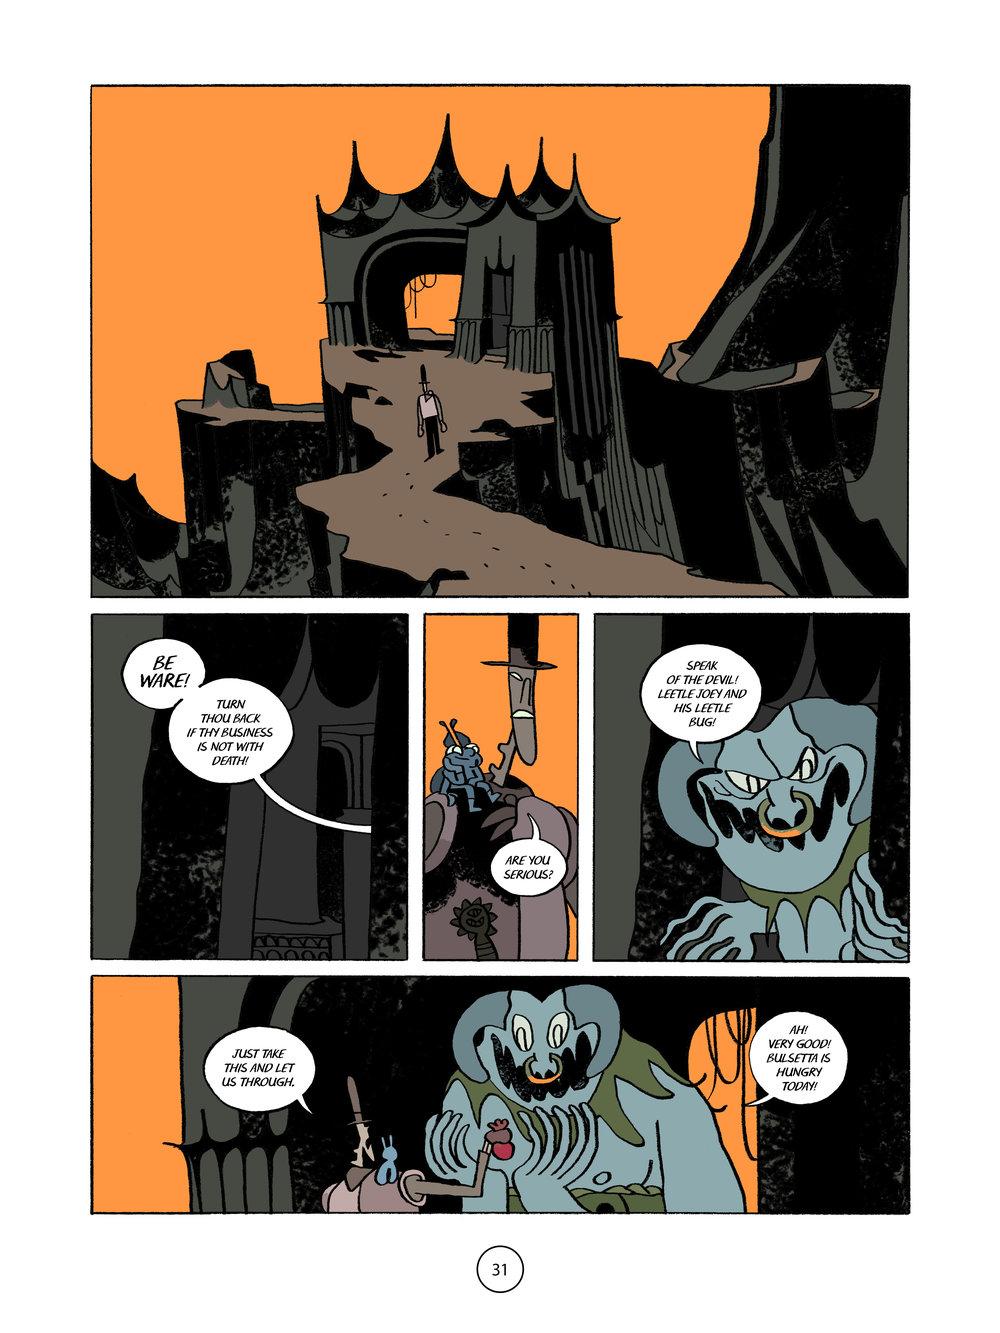 JeoDeathissue2_page 31.jpg